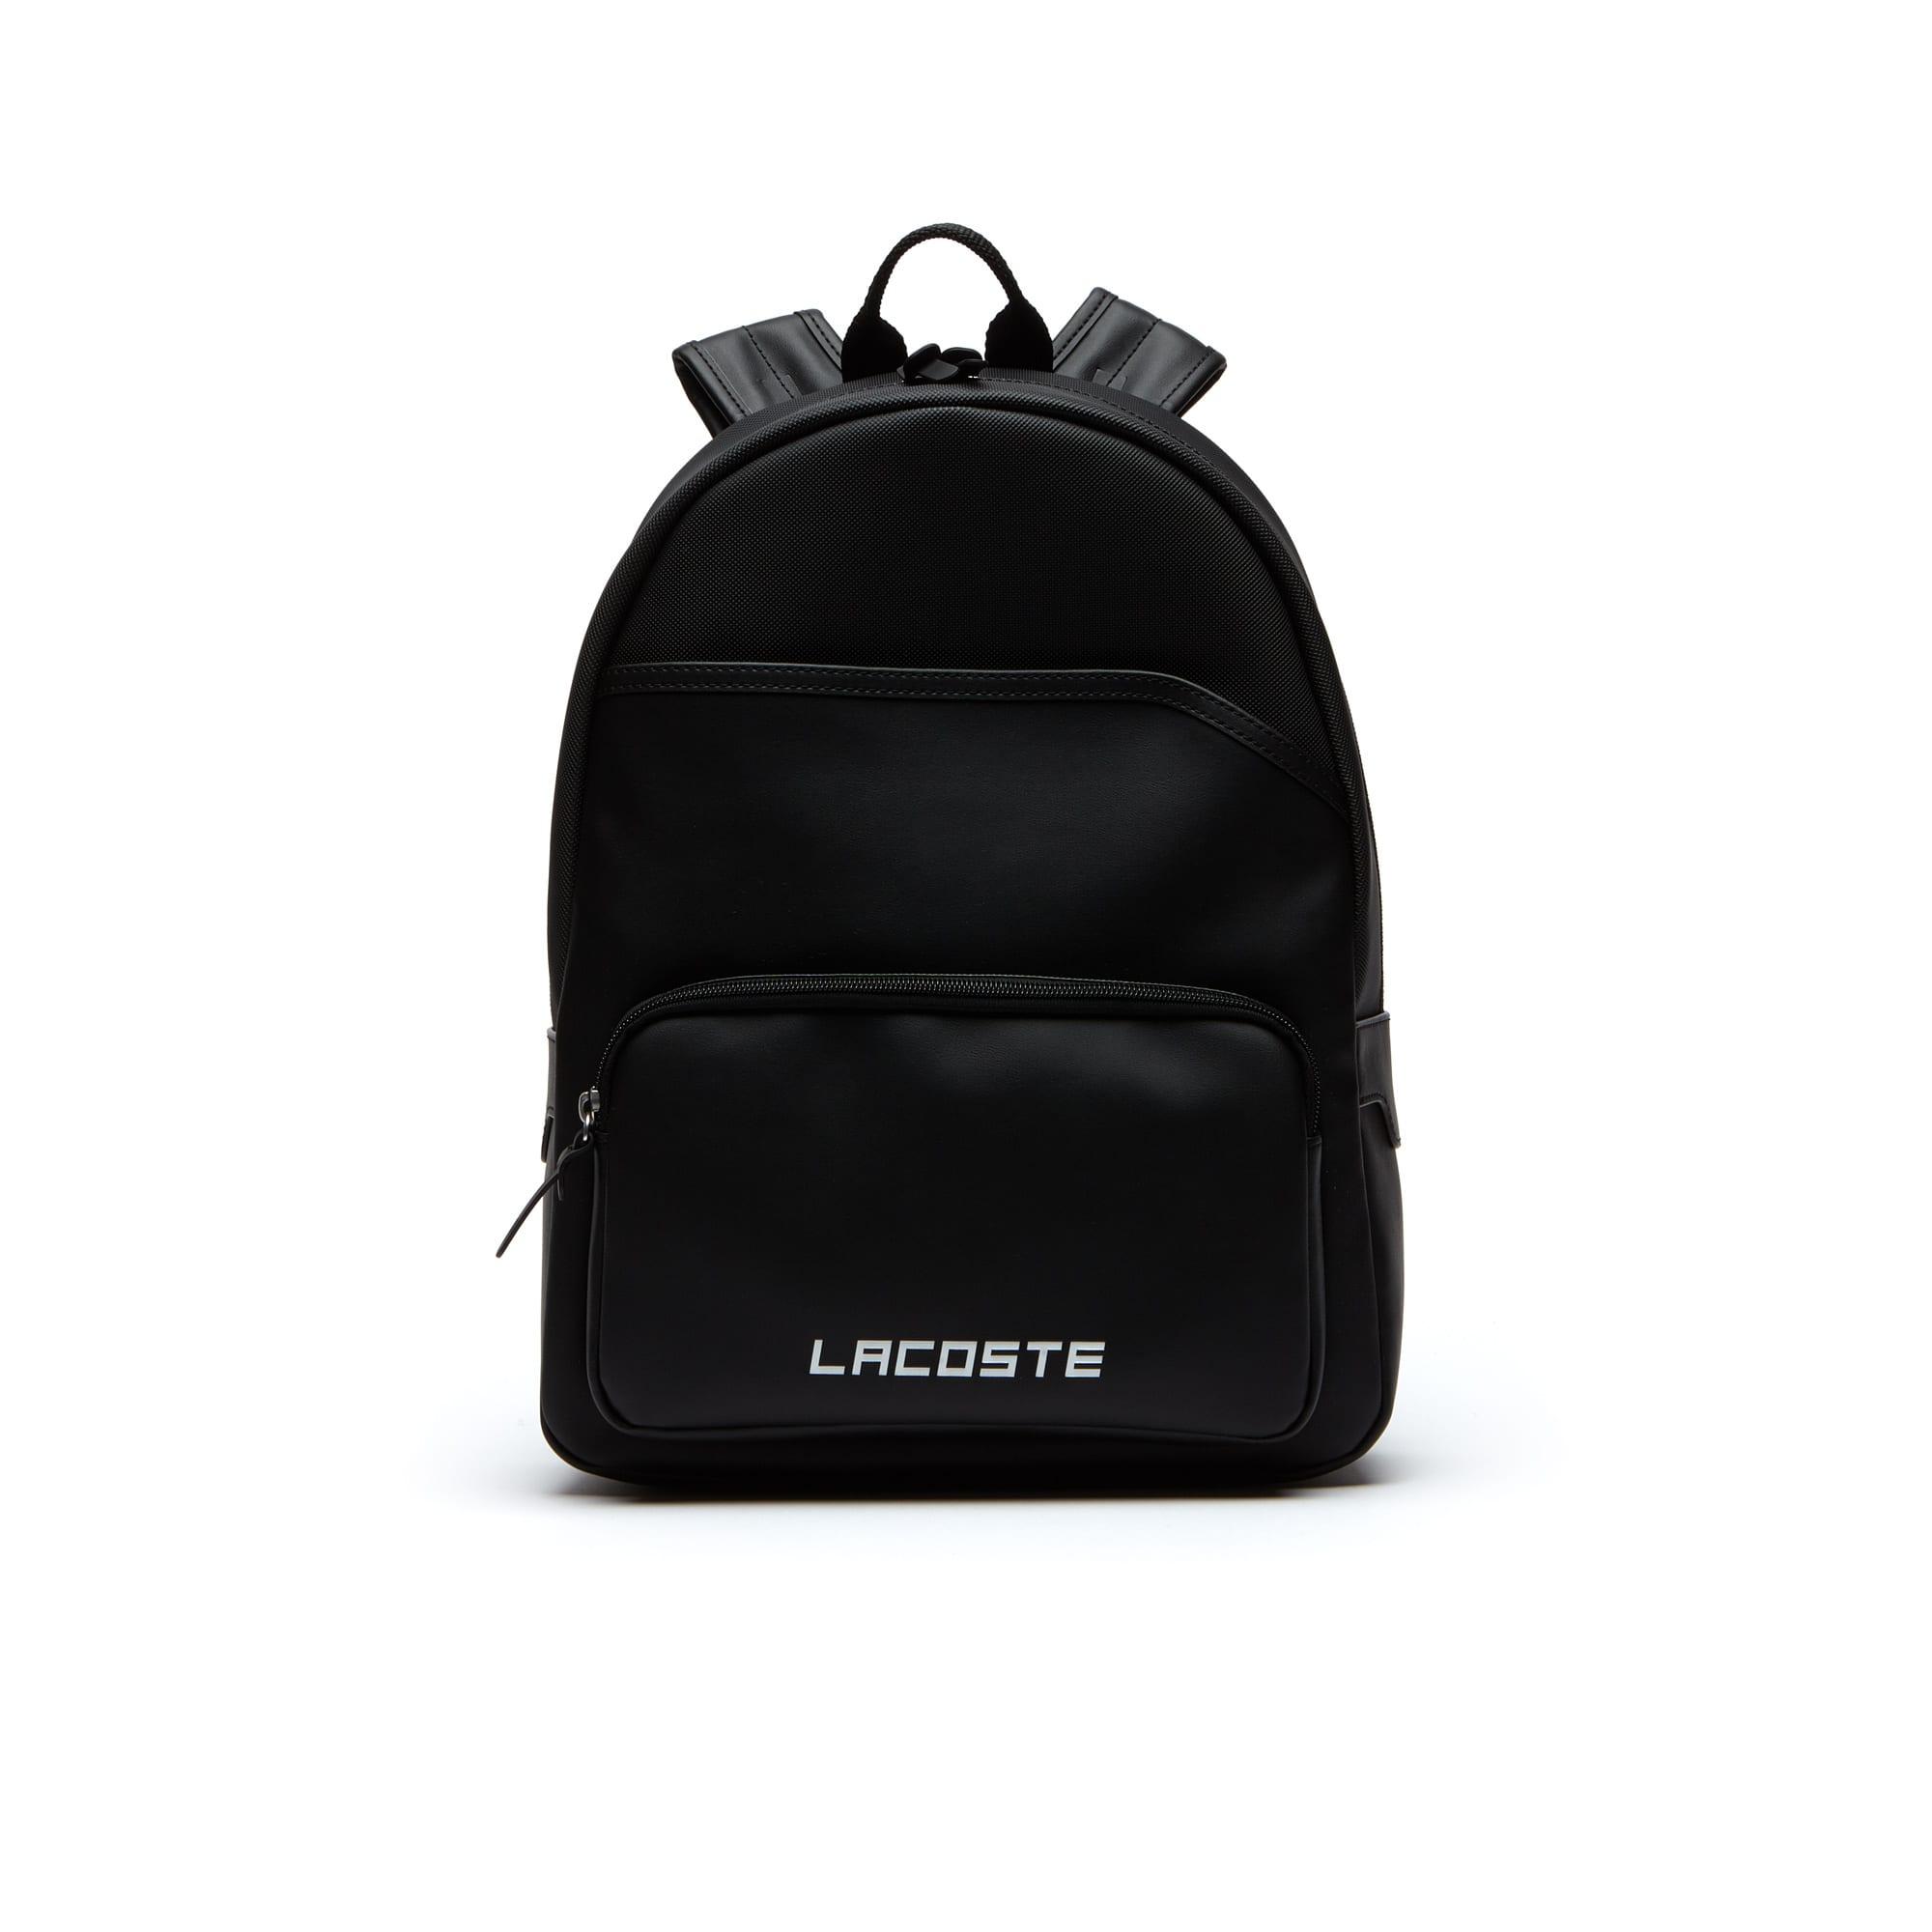 5456af88147 Men's Petit Piqué Backpack | LACOSTE